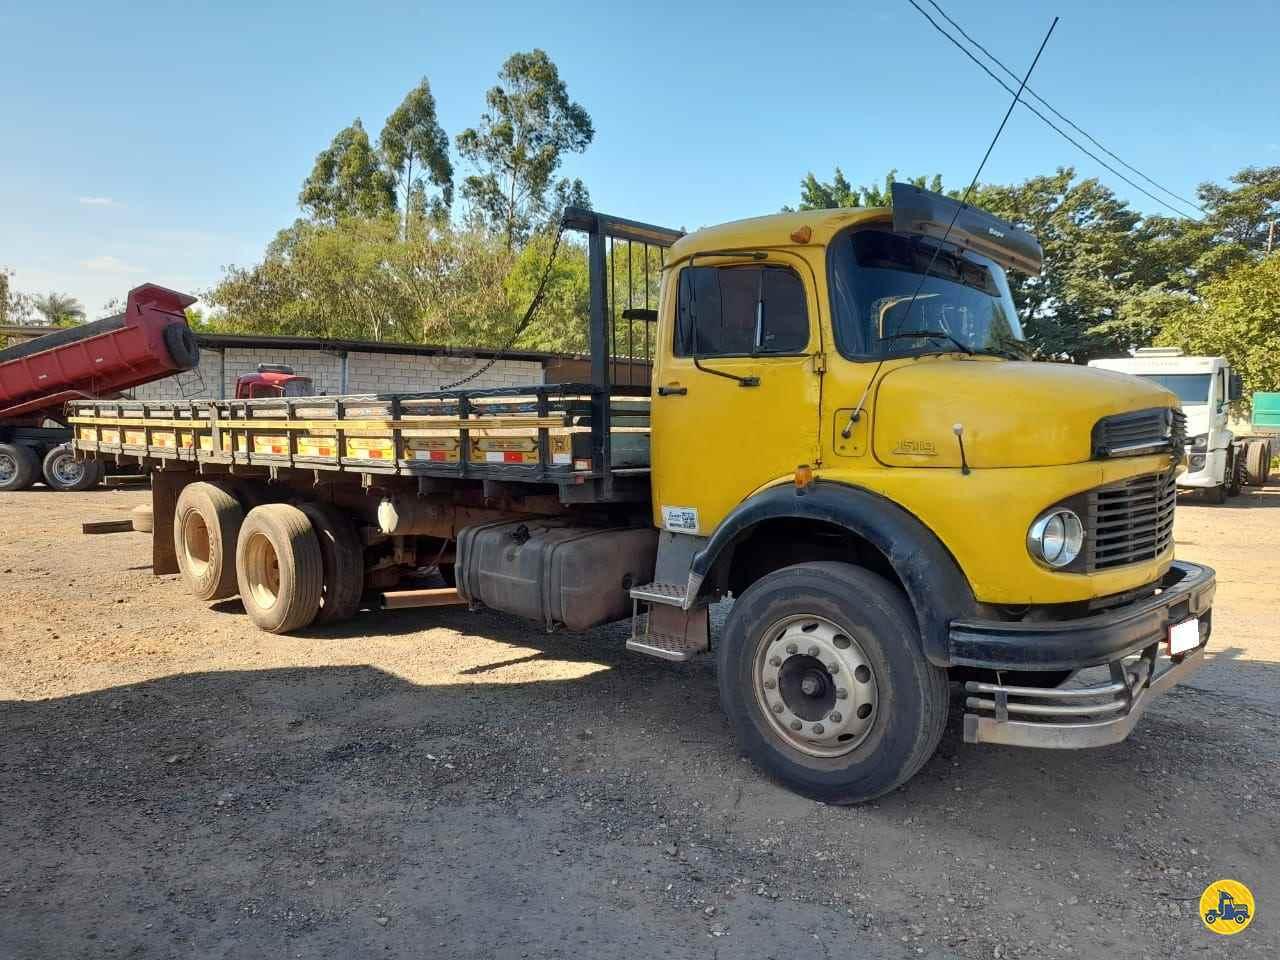 CAMINHAO MERCEDES-BENZ MB 1519 Carga Seca Truck 6x2 Leque Caminhões  PIRACICABA SÃO PAULO SP